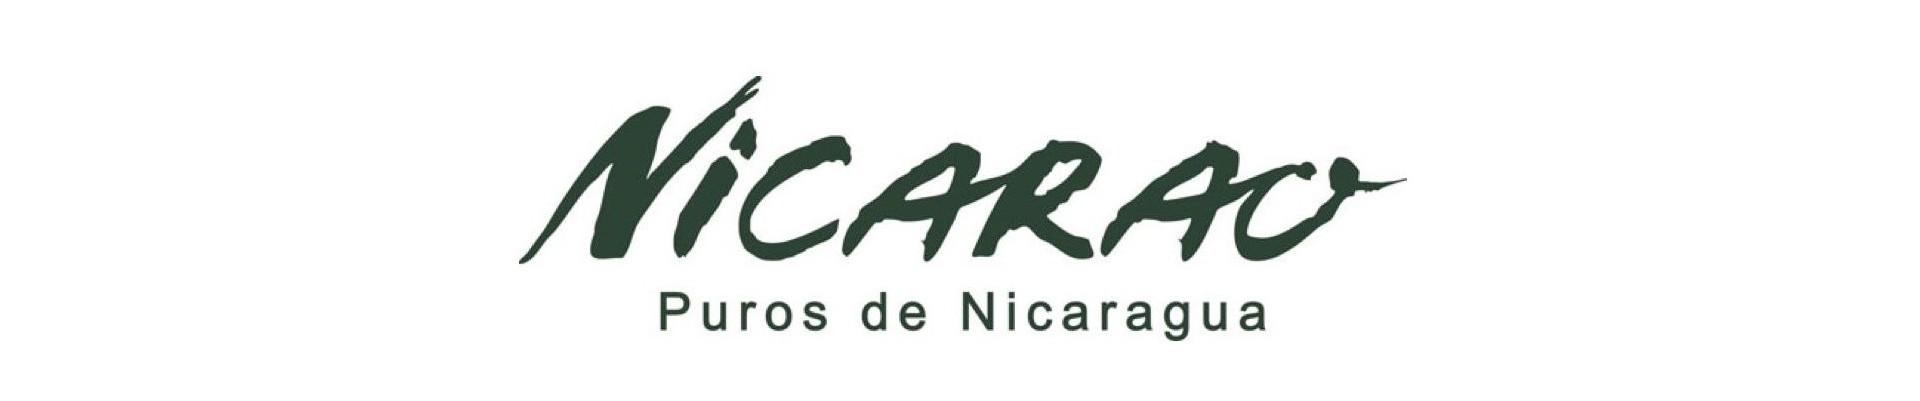 Trabucuri Nicarao Nicaragua.Cutie cu trabucuri Nicarao.Cumpar trabucuri Nicarao de vanzare.Pret trabucuri Nicaragua Nicarao